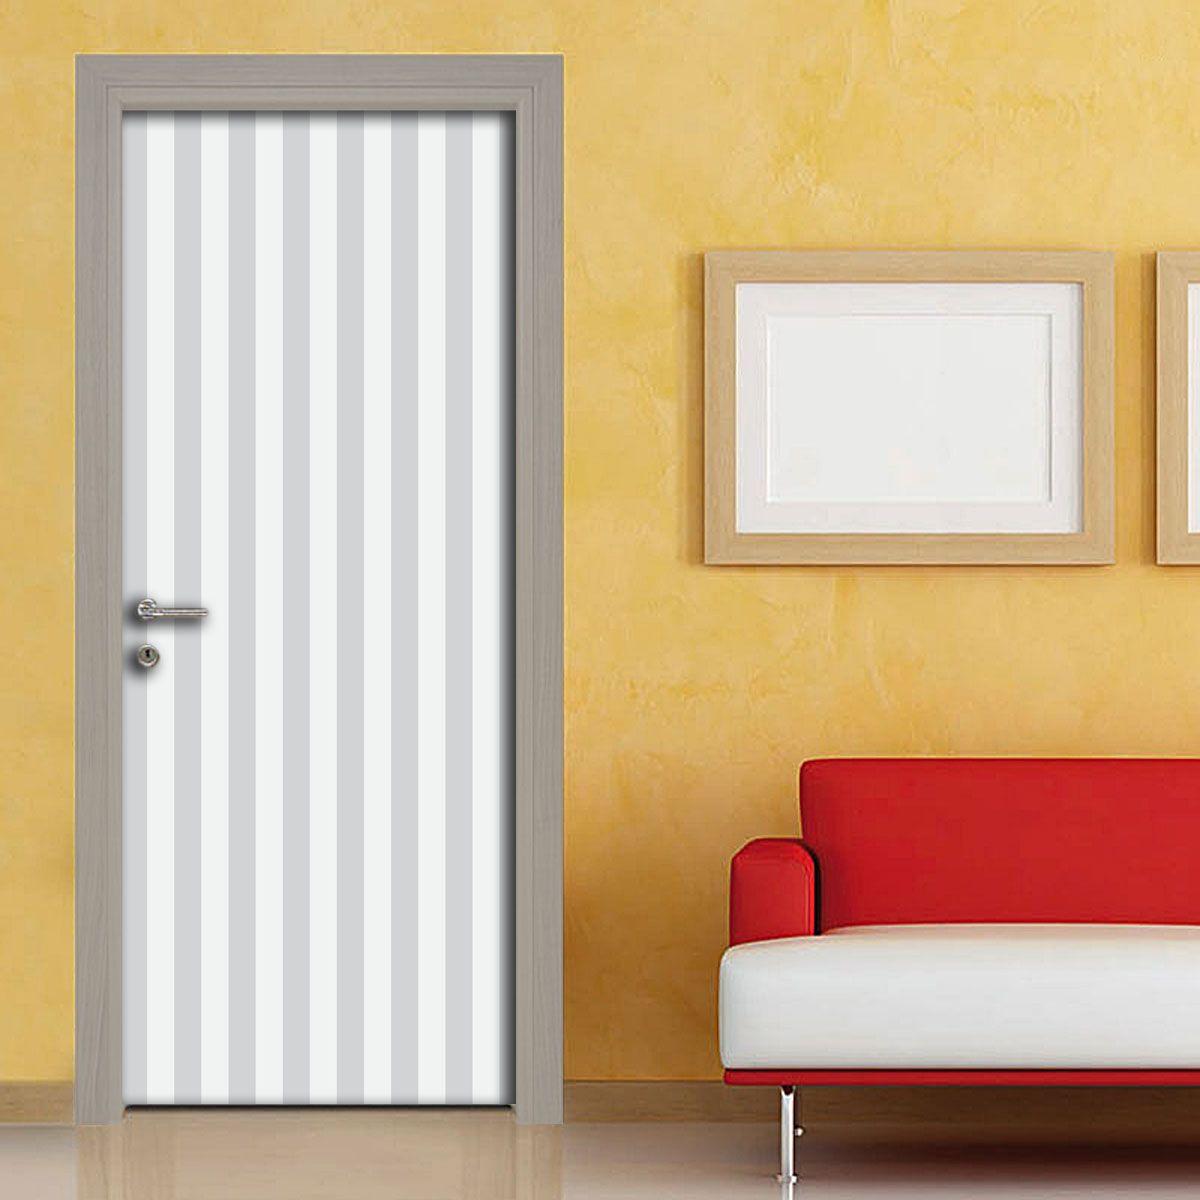 Adesivi Per Porte Interne Ikea.Adesivo Per Porta E Mobili Stile Shabby Chic Shabby Chic Arredamento Creativo Stile Shabby Chic